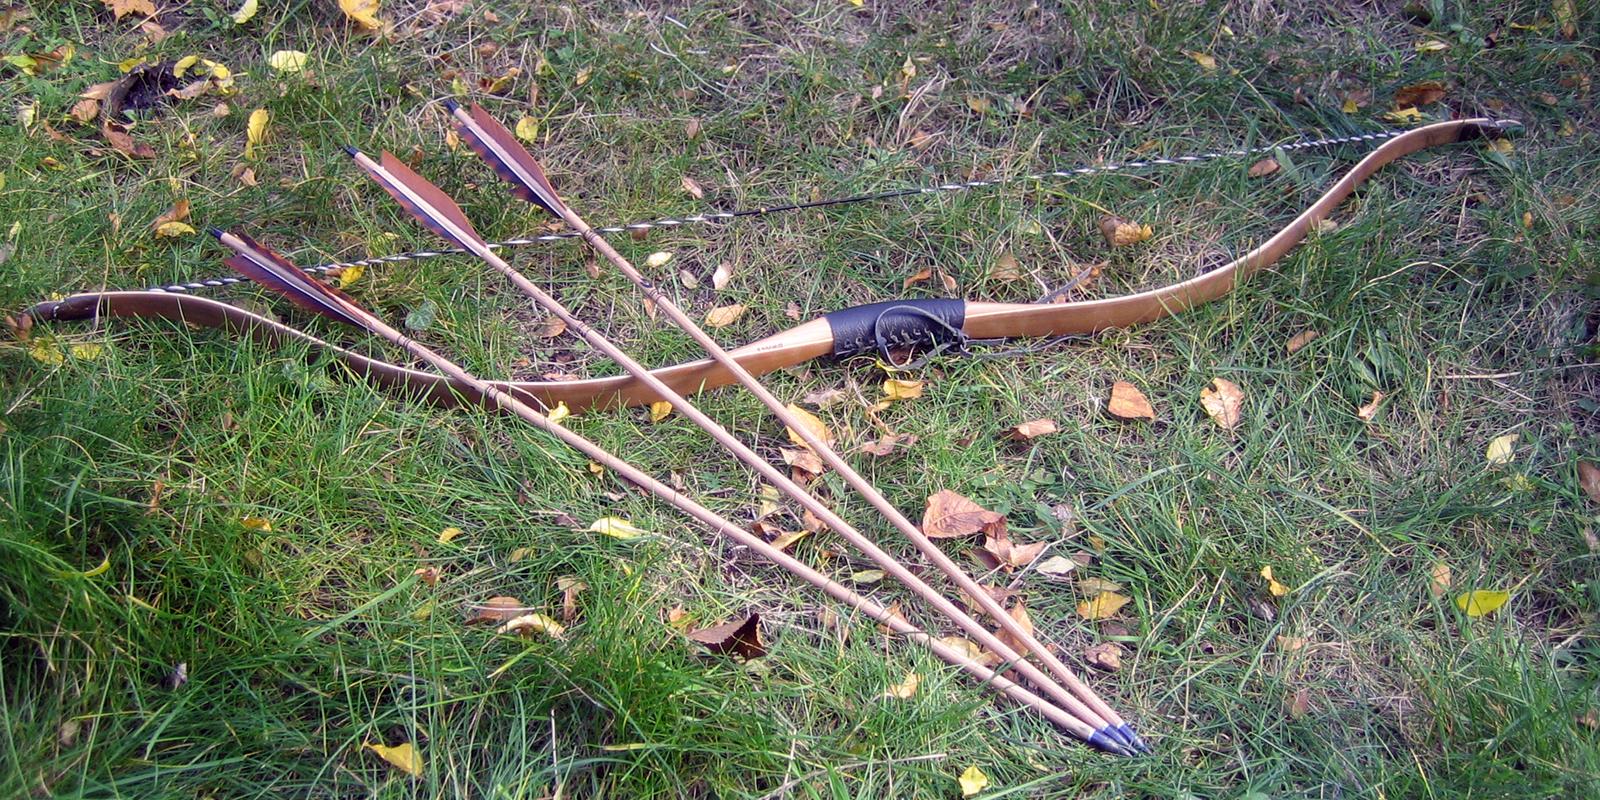 Pfeile und Bogen auf Wiese